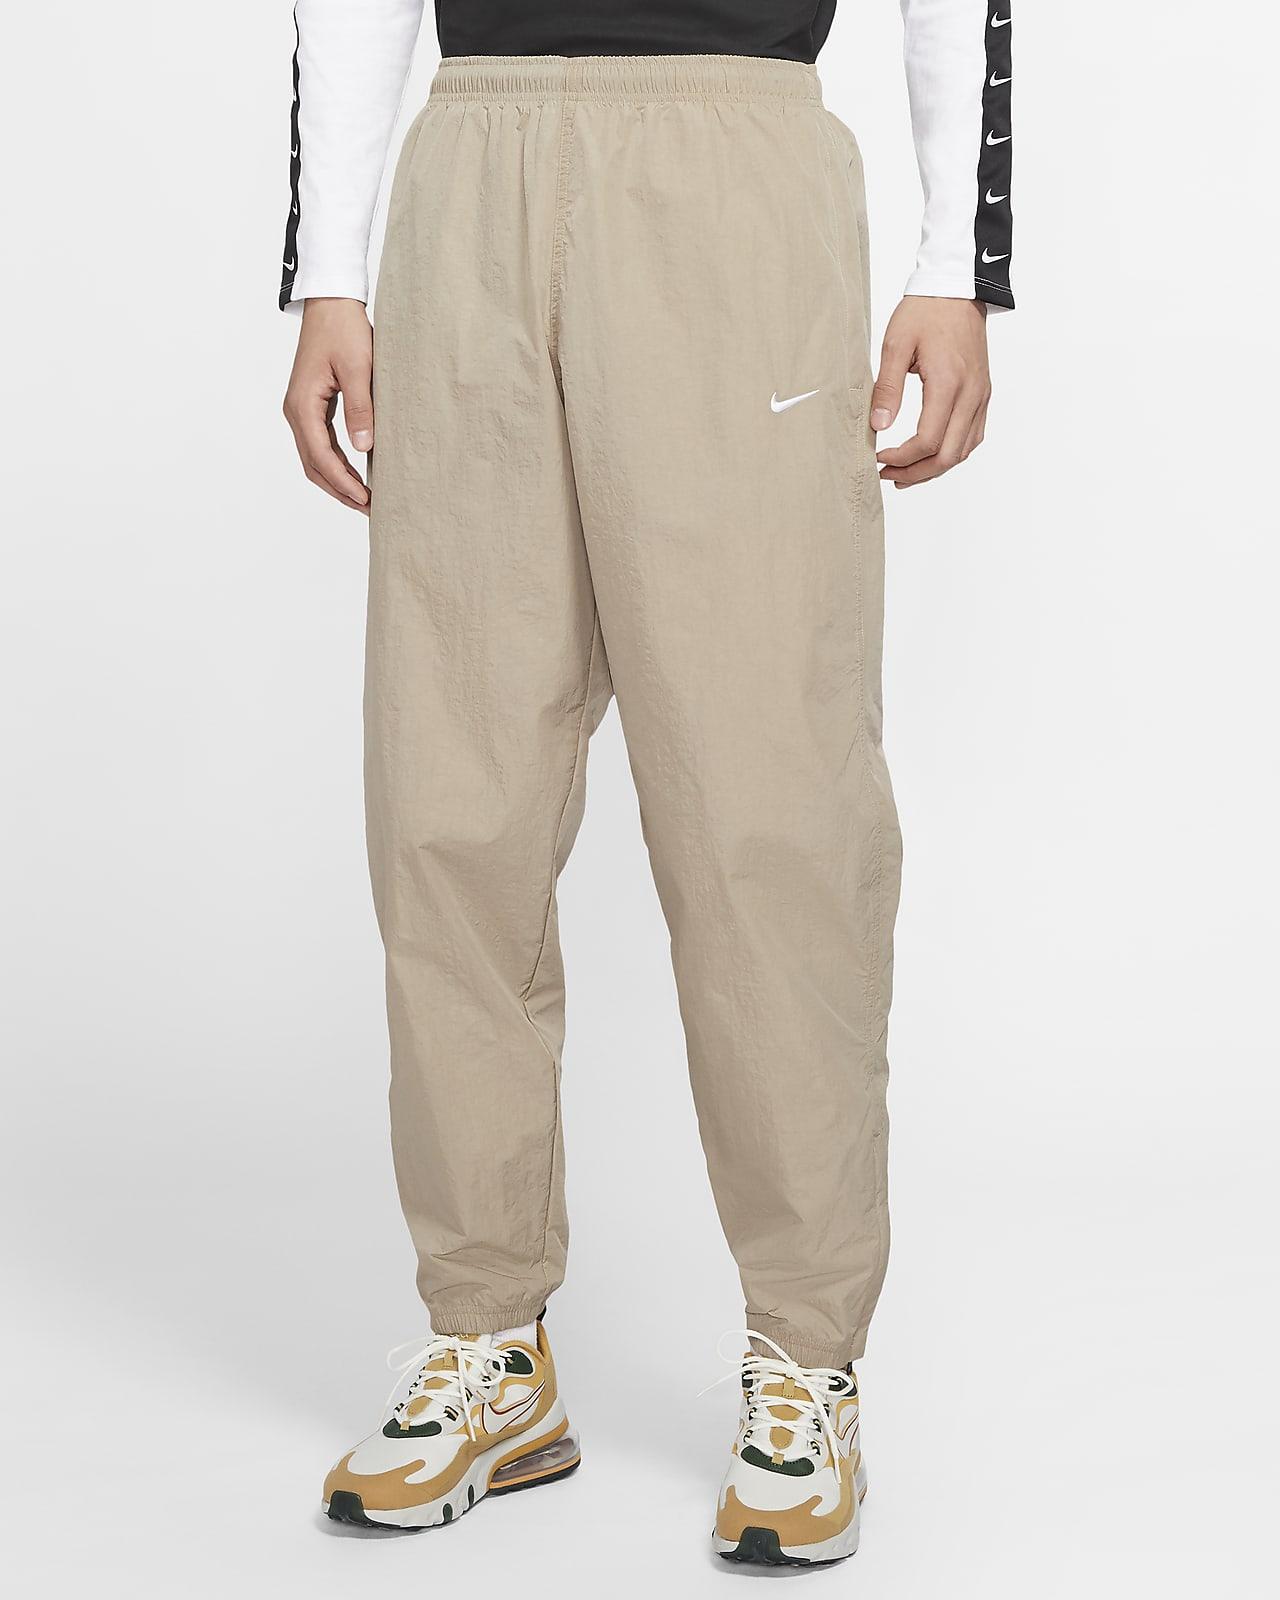 กางเกงวอร์มผู้ชาย NikeLab